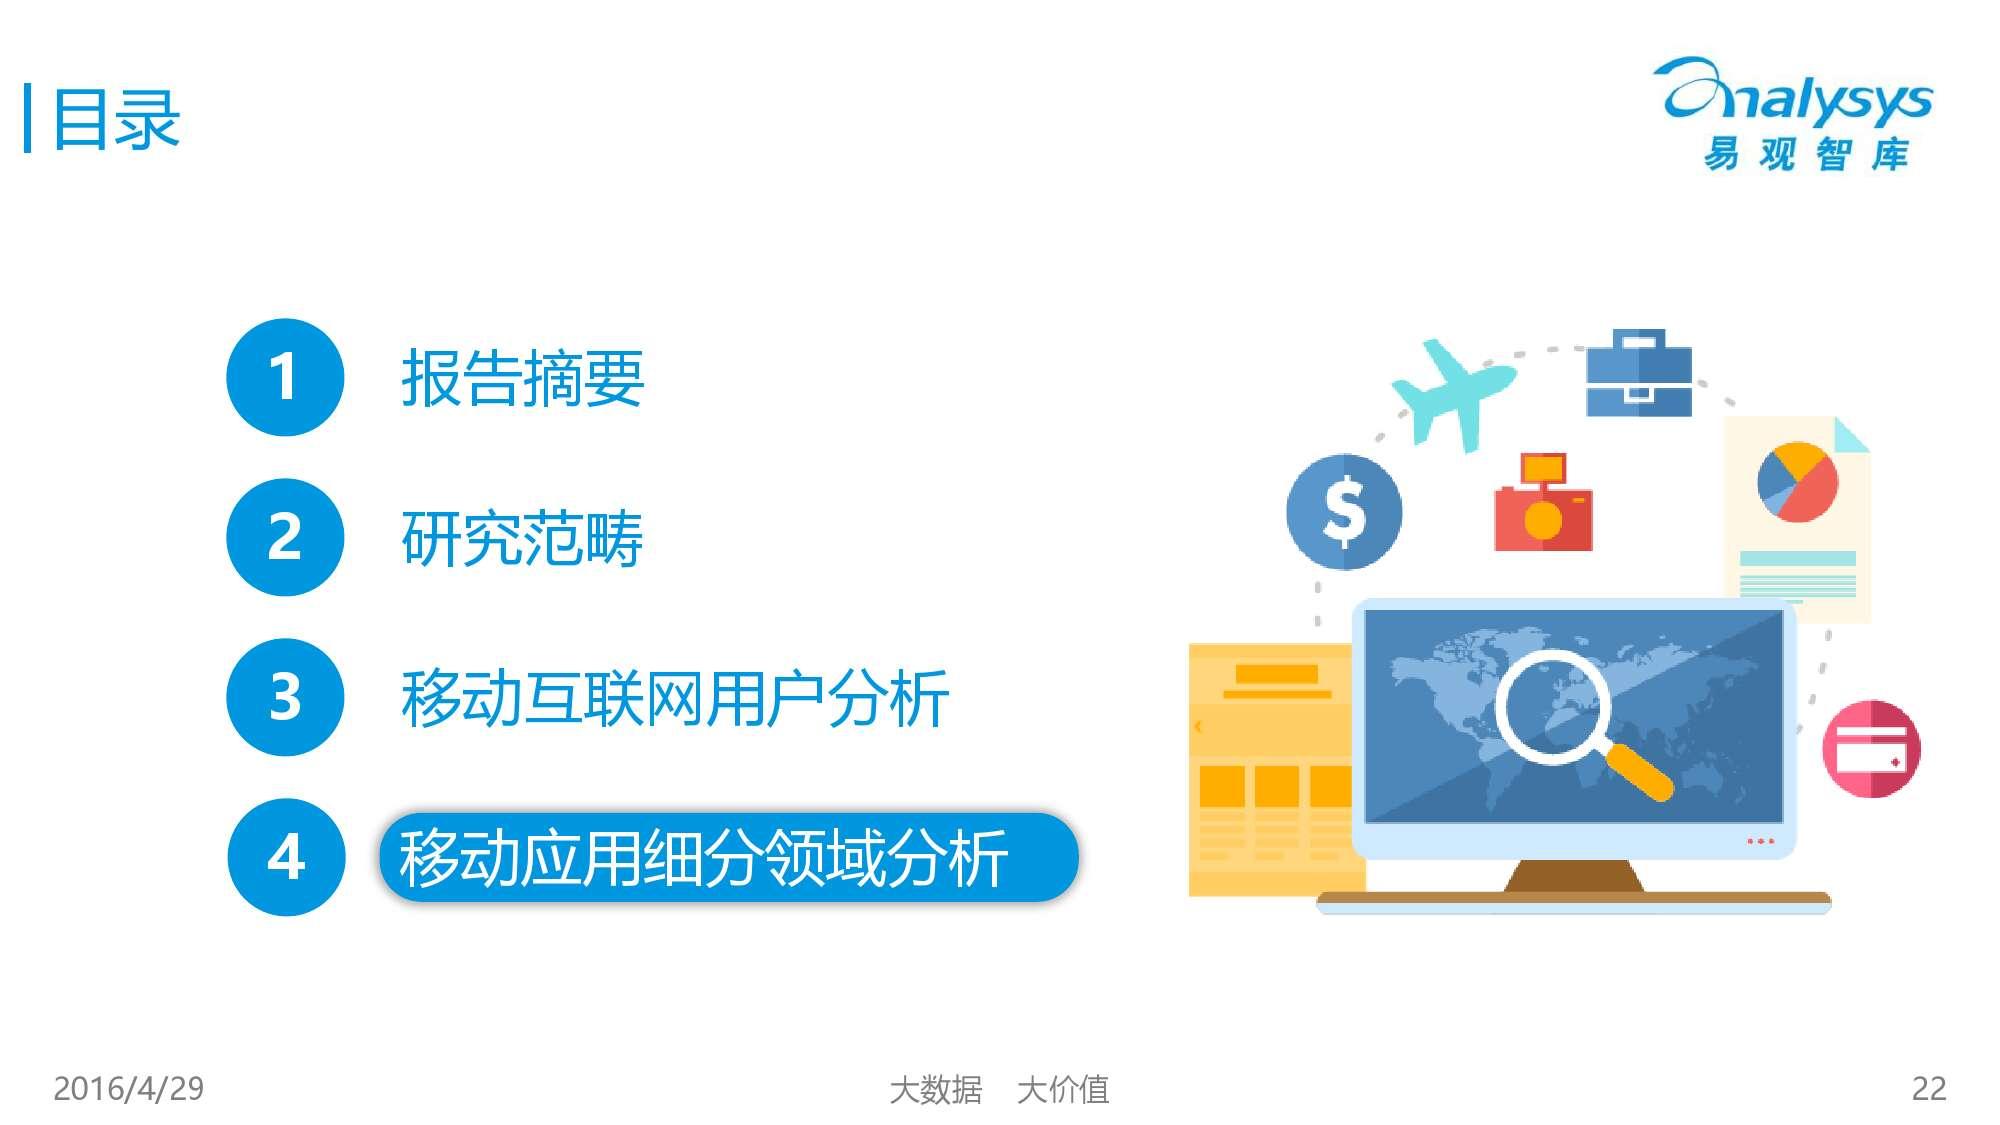 中国移动互联网用户行为统计报告2016_000022